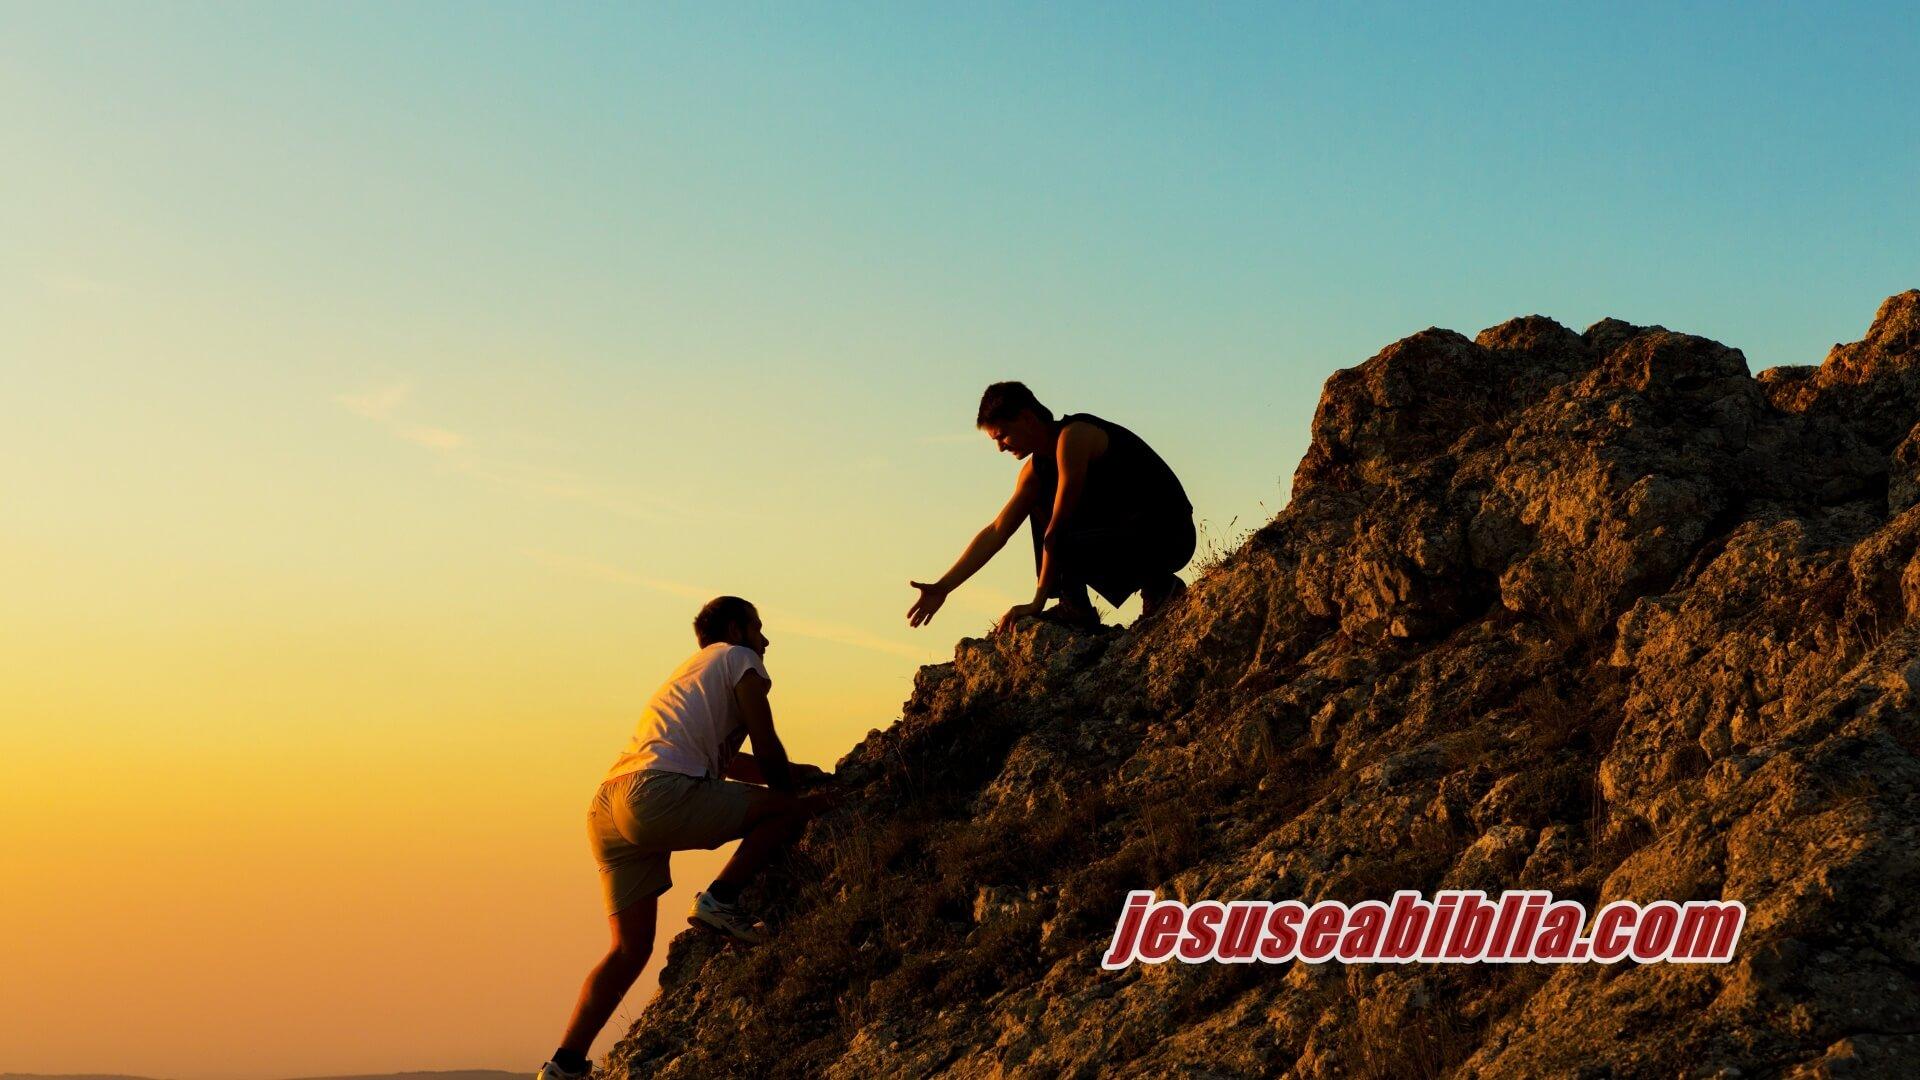 """Versículos de """"Não Temas"""": As Promessas do Deus Que Nos Ajuda"""